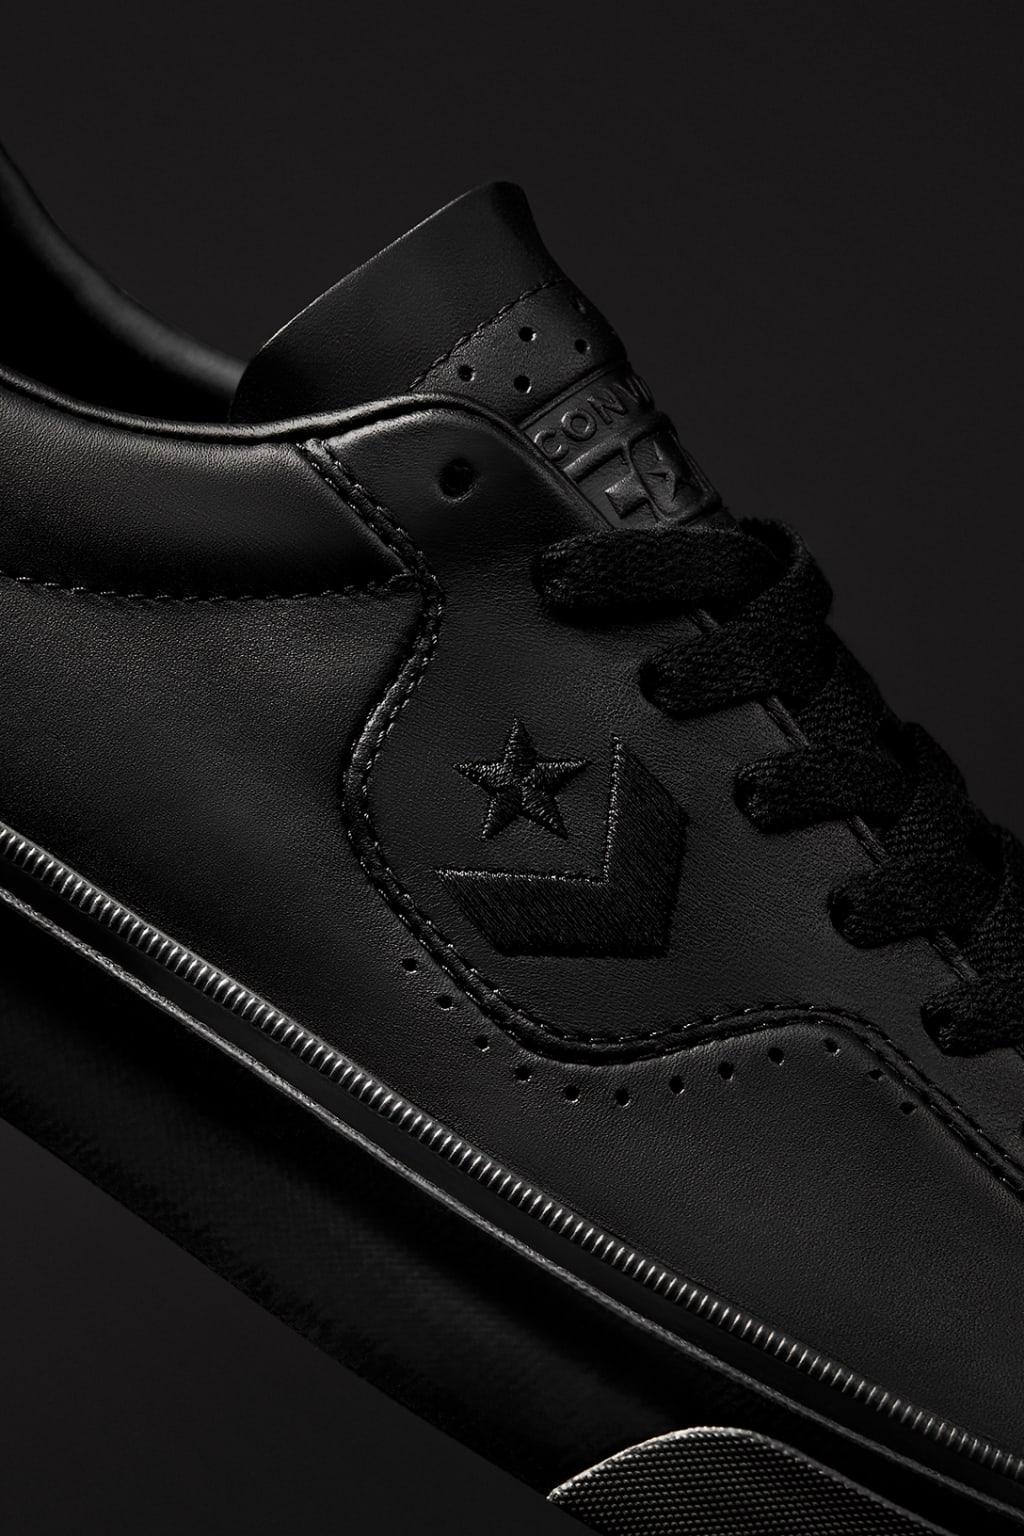 Converse unveils the Leather Louie Lopez Pro